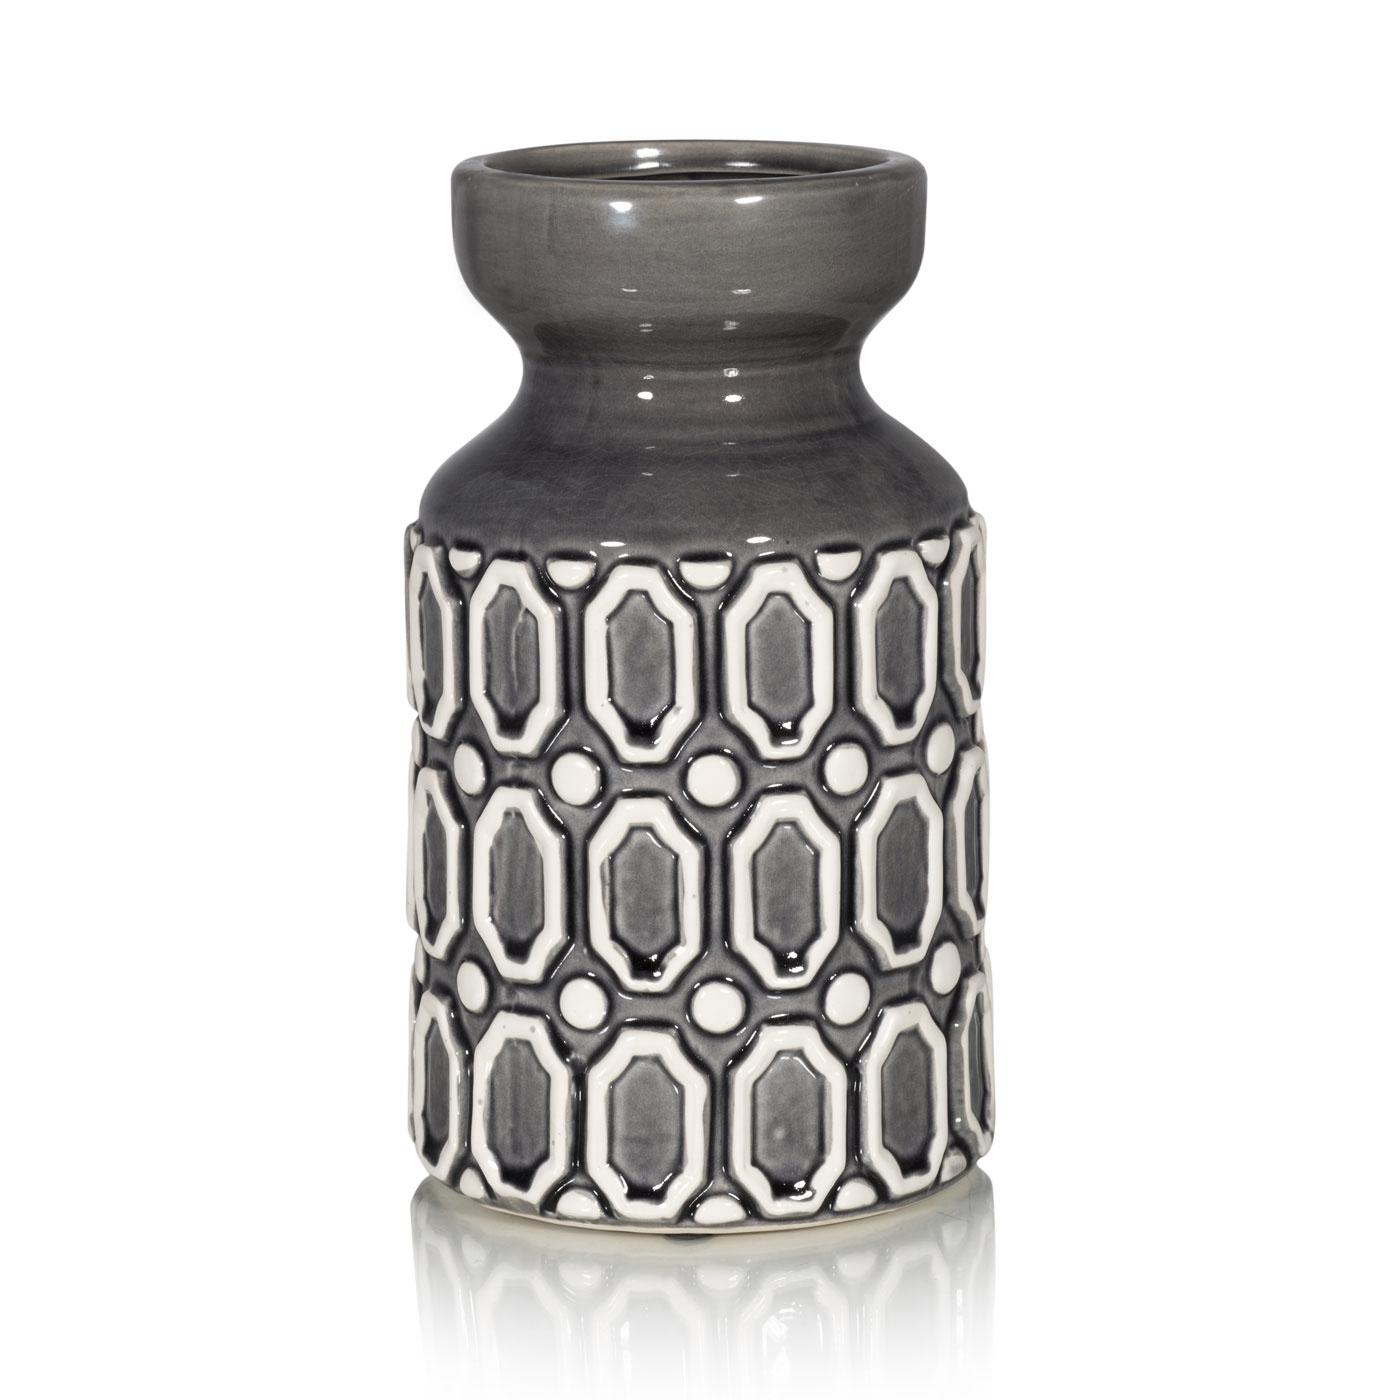 Купить Вазы Home Philosophy, Ваза Sloan Цвет: Серо-Фиолетовый (14х26 см), Китай, Серый, Керамика